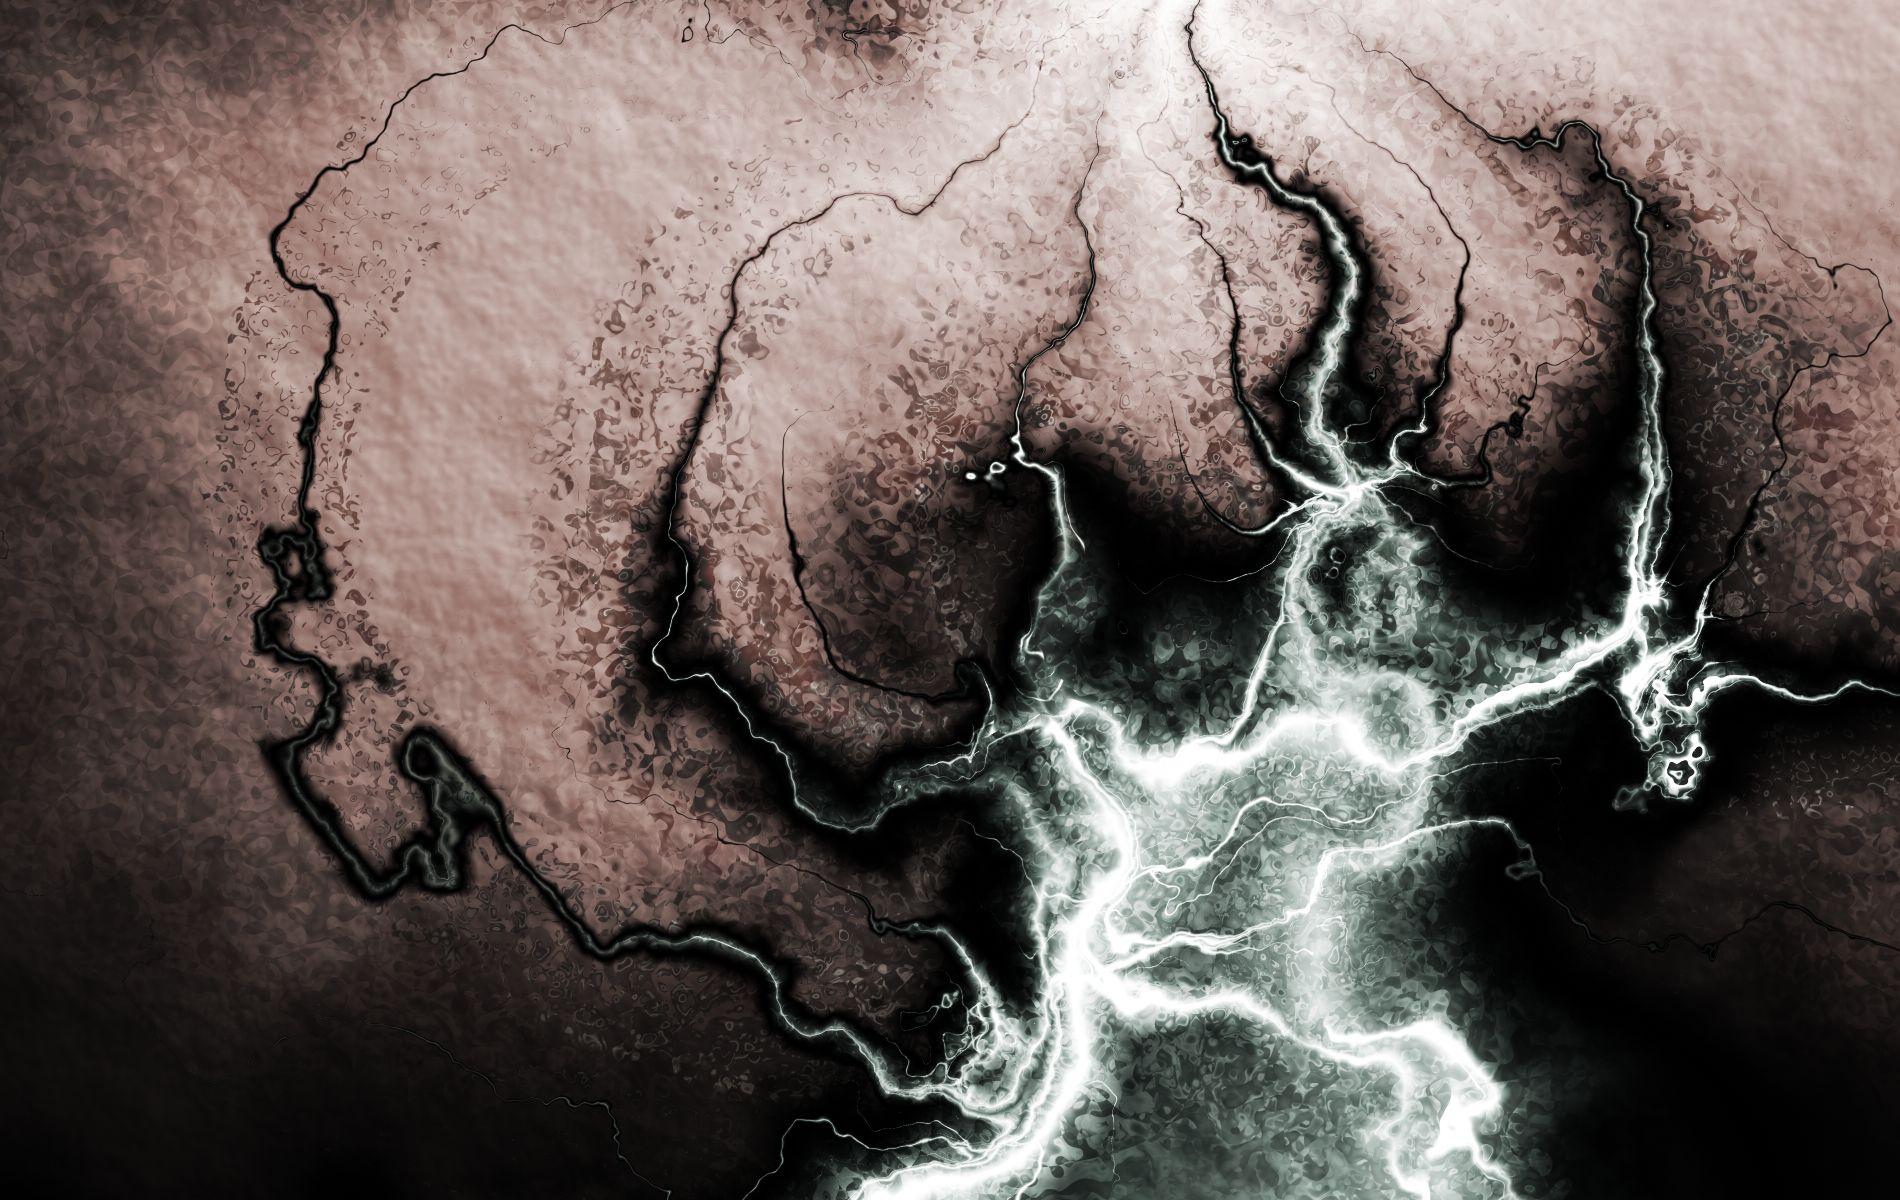 Mind stealer by Abstt